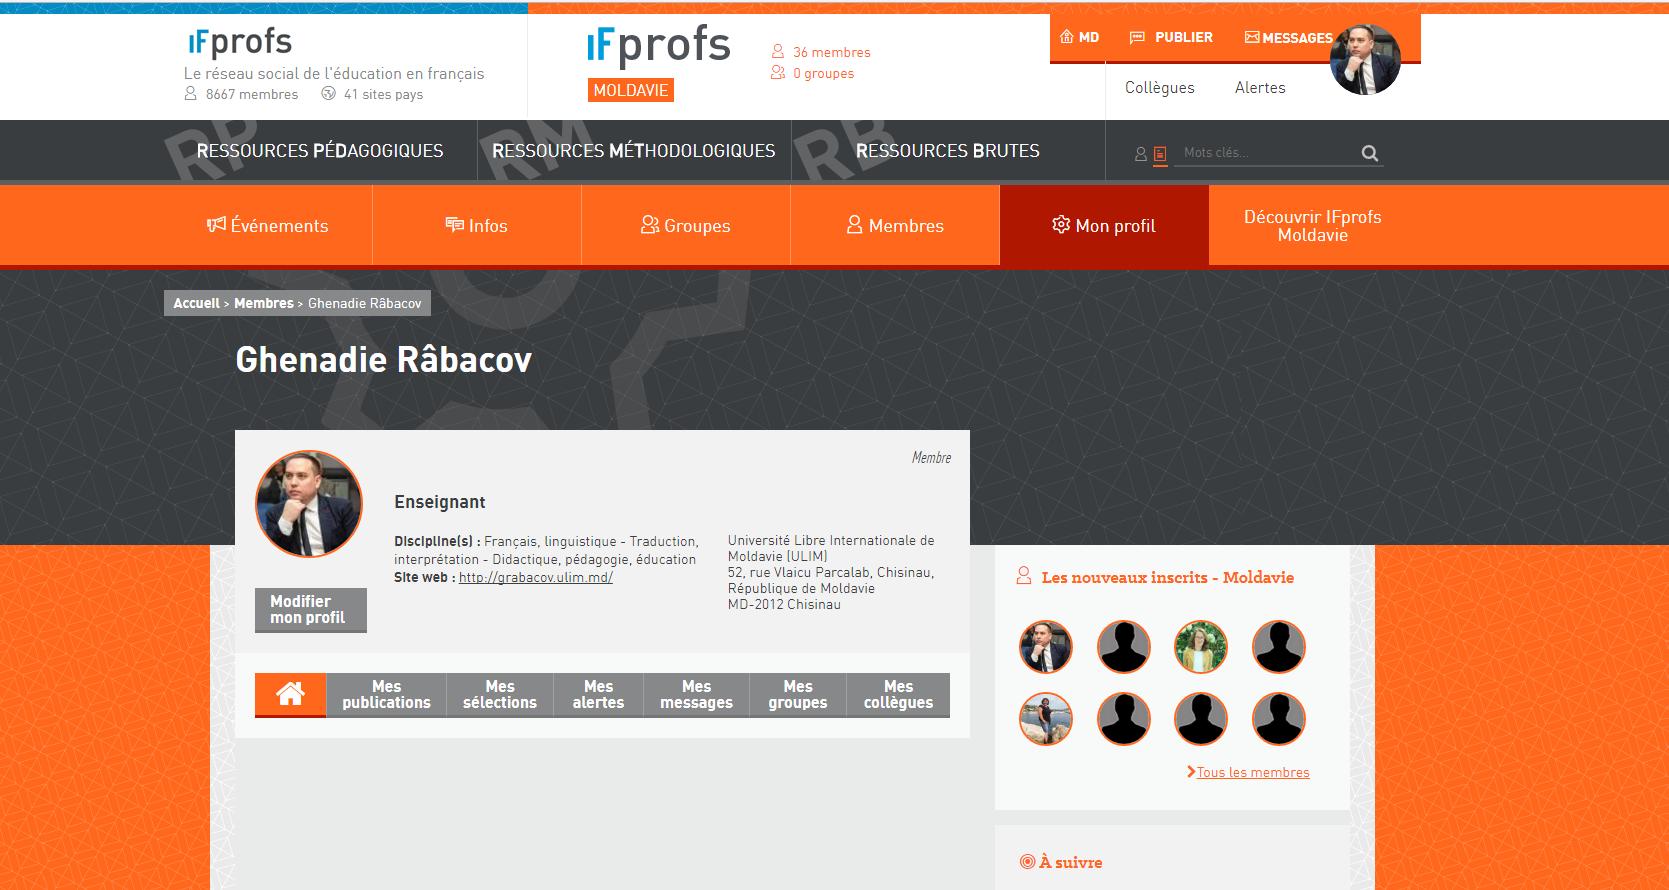 Lancement de la plateforme IF Profs Moldavie